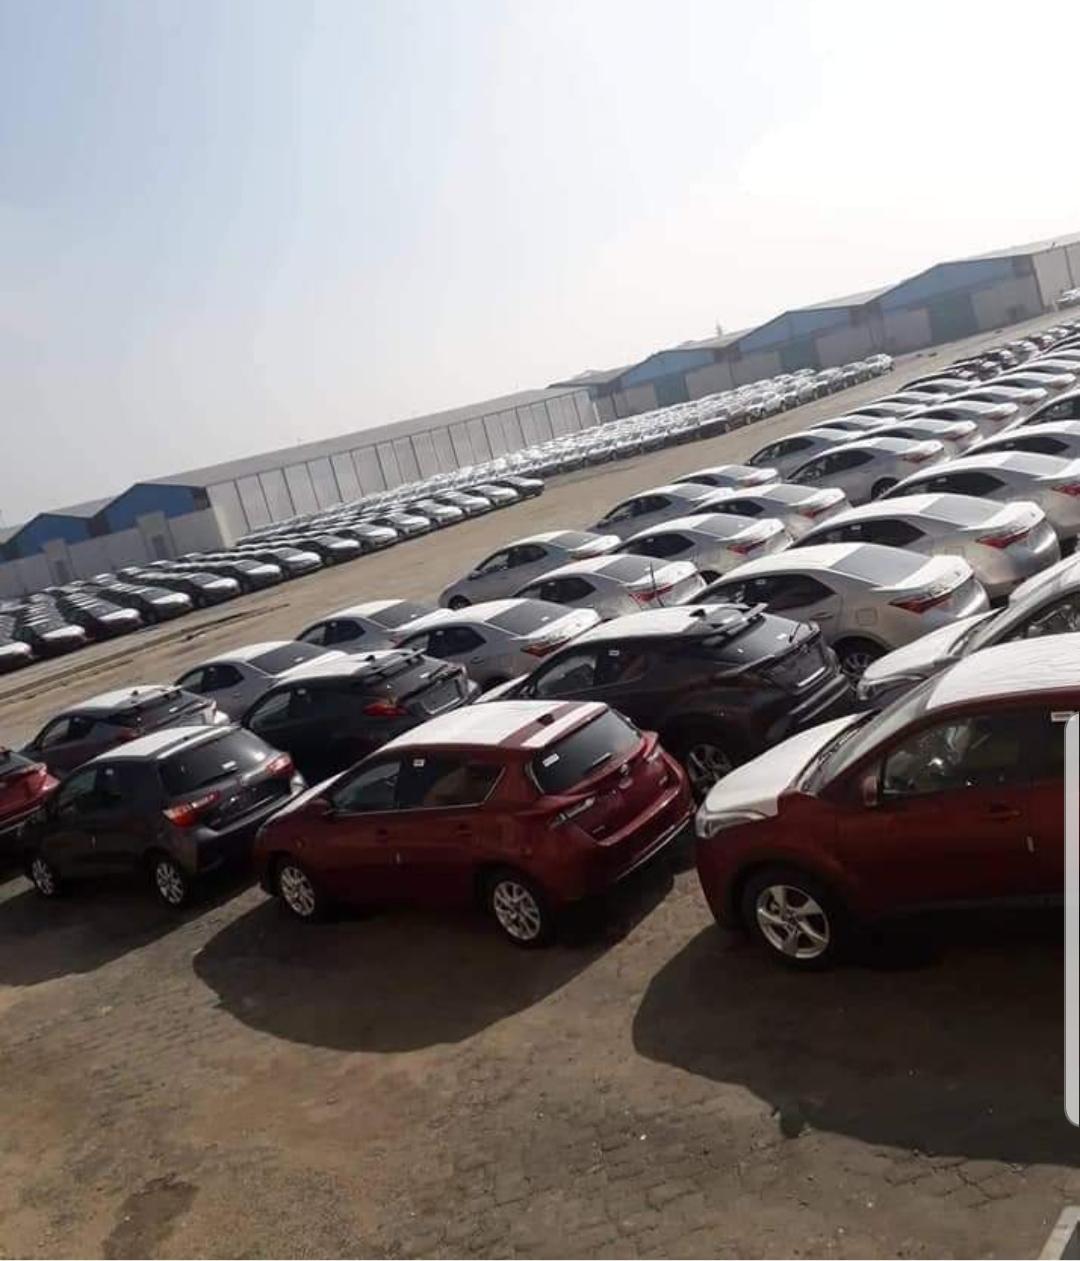 بالأرقام : زيادة رسوم استخراج تراخيص السيارات وتجديد الرخص في مصر